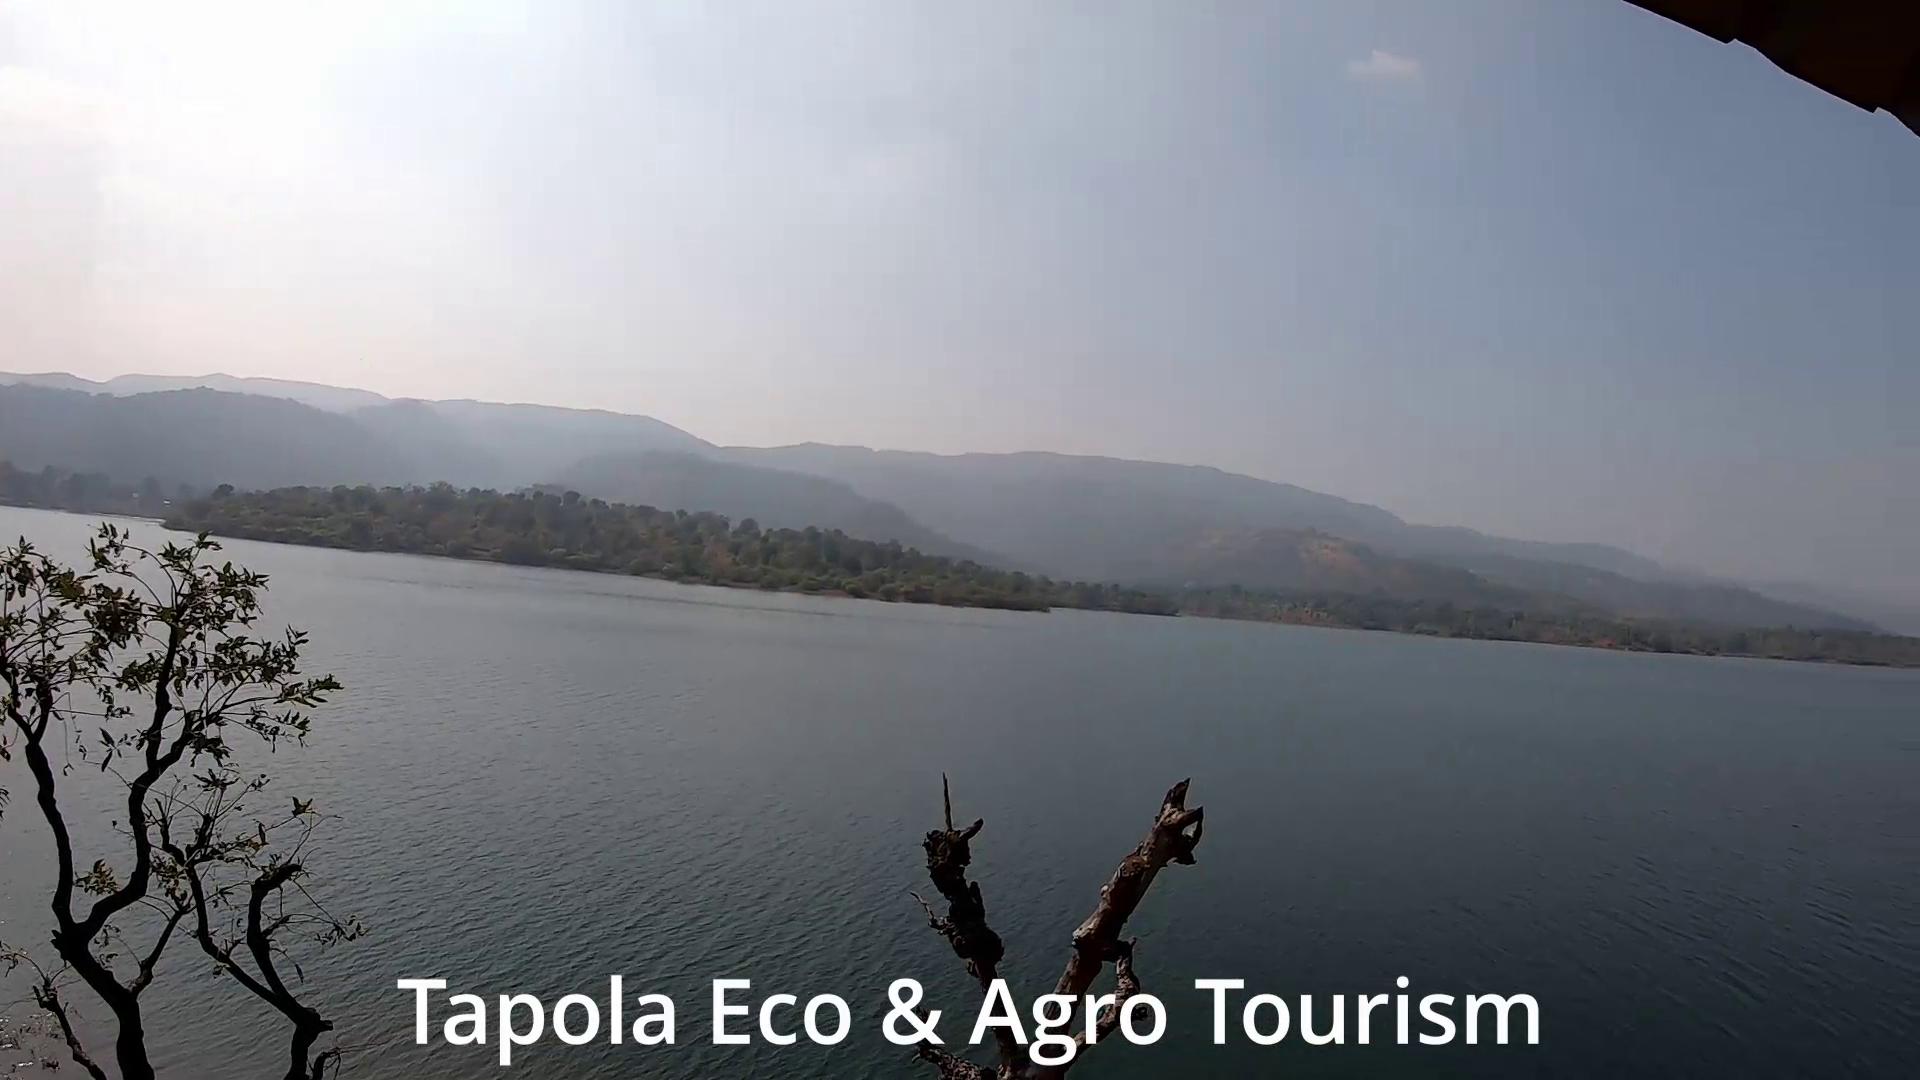 TApola lake vioew from Tapola Eco & Agro Tourism